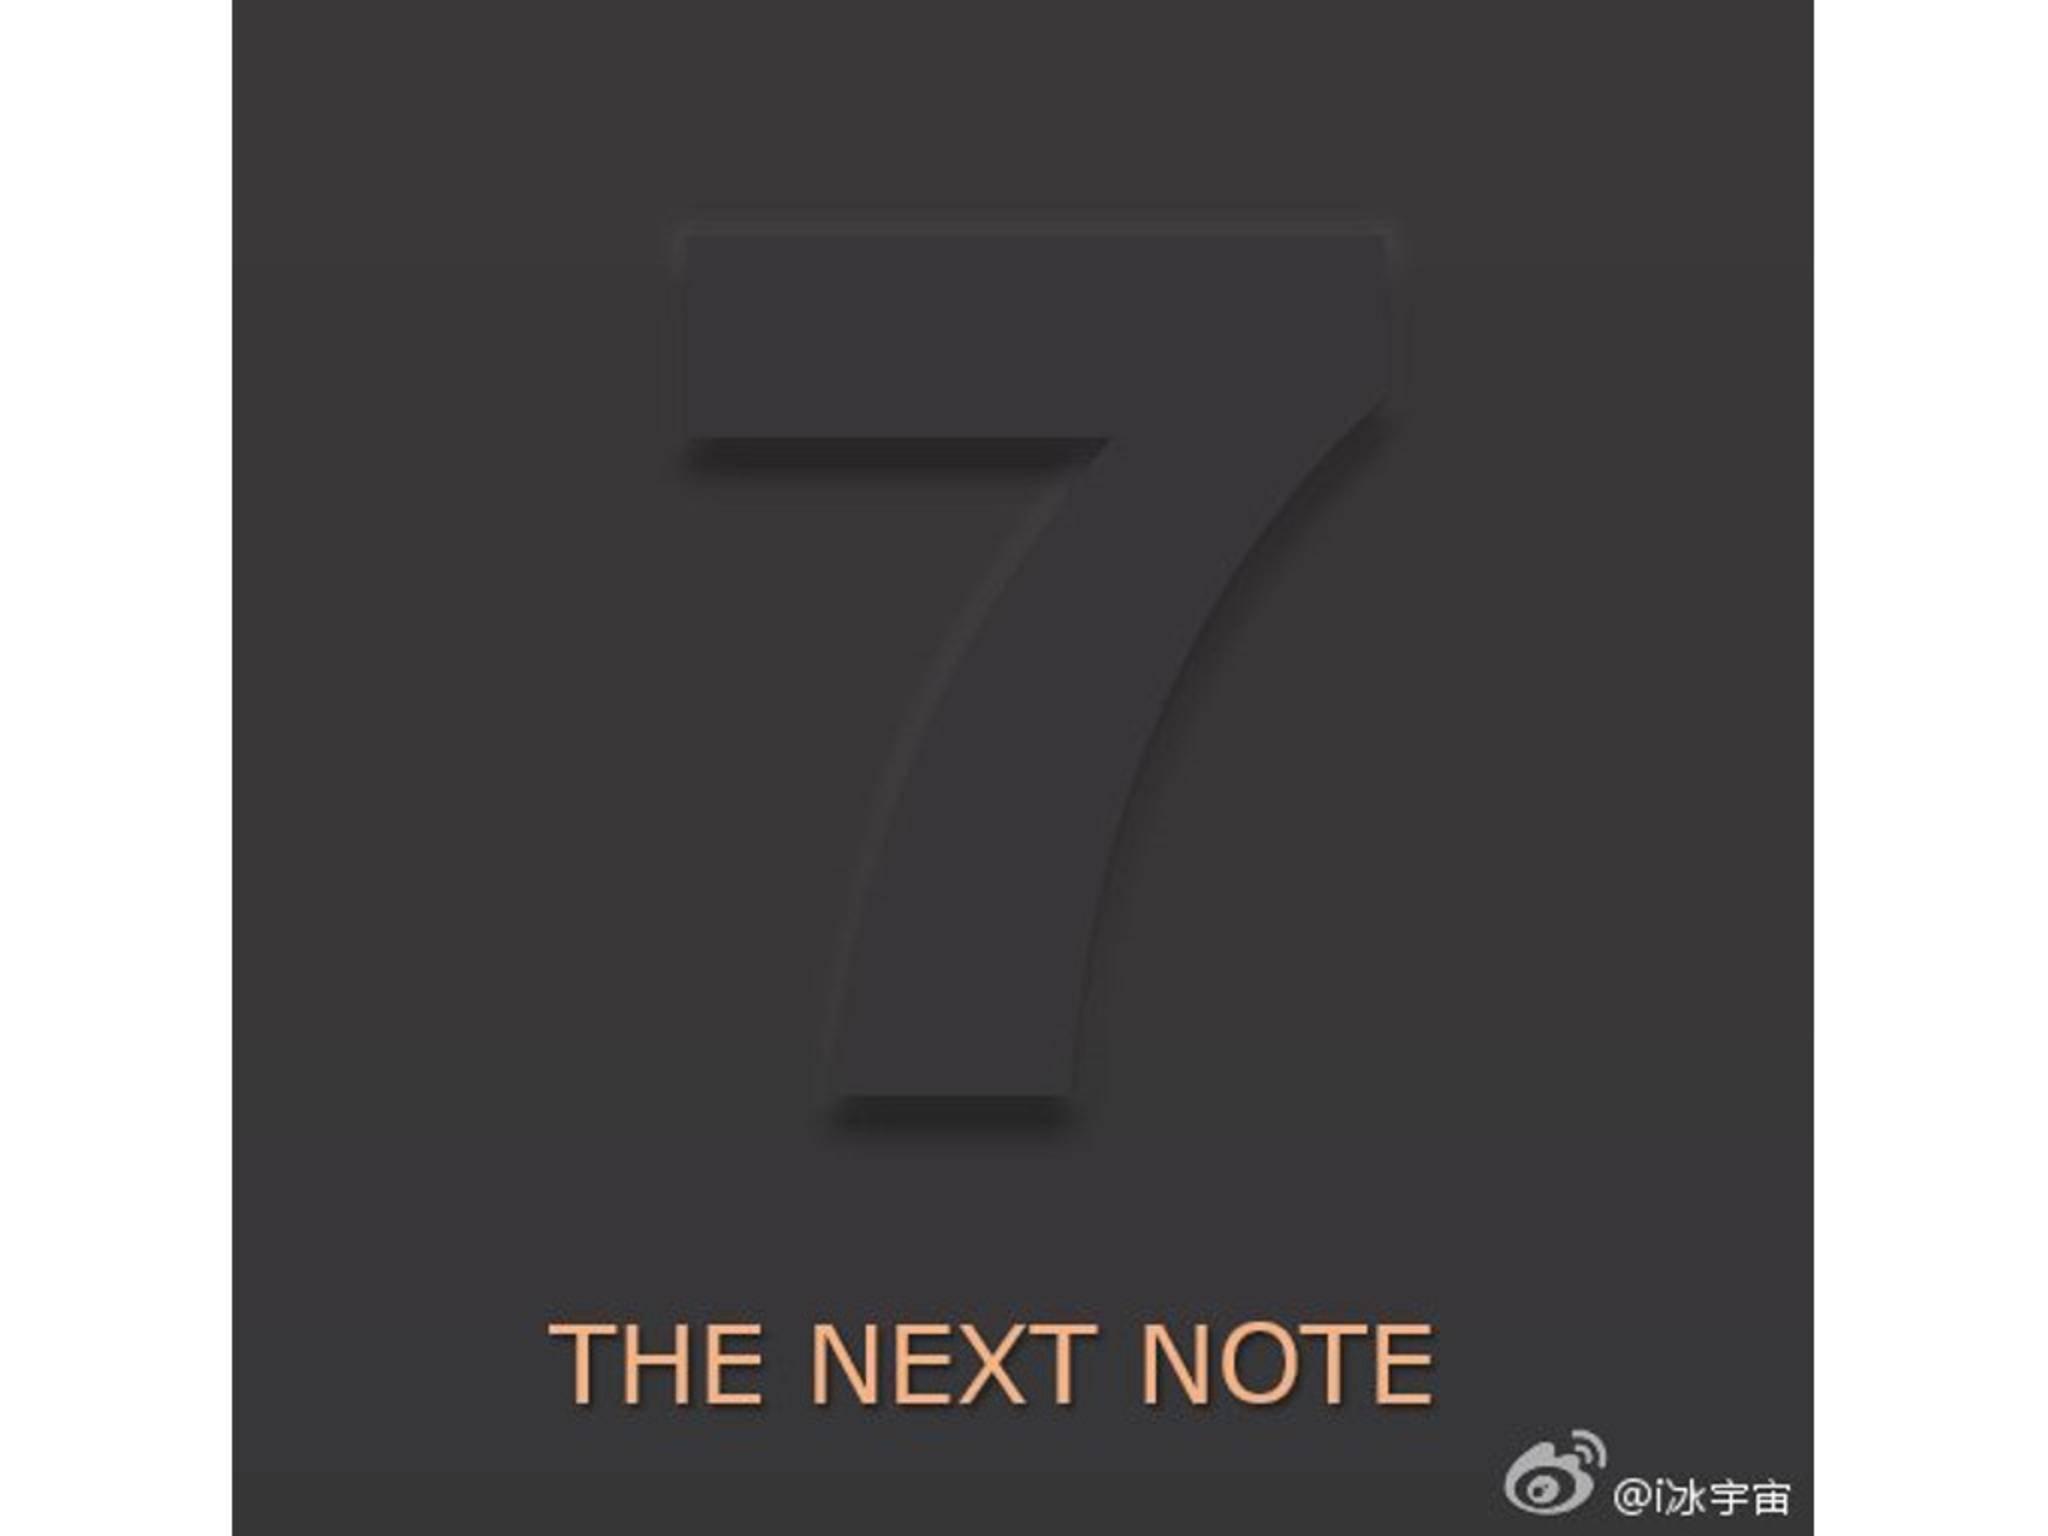 Ist dieses Bild die Bestätigung zum Note 7?